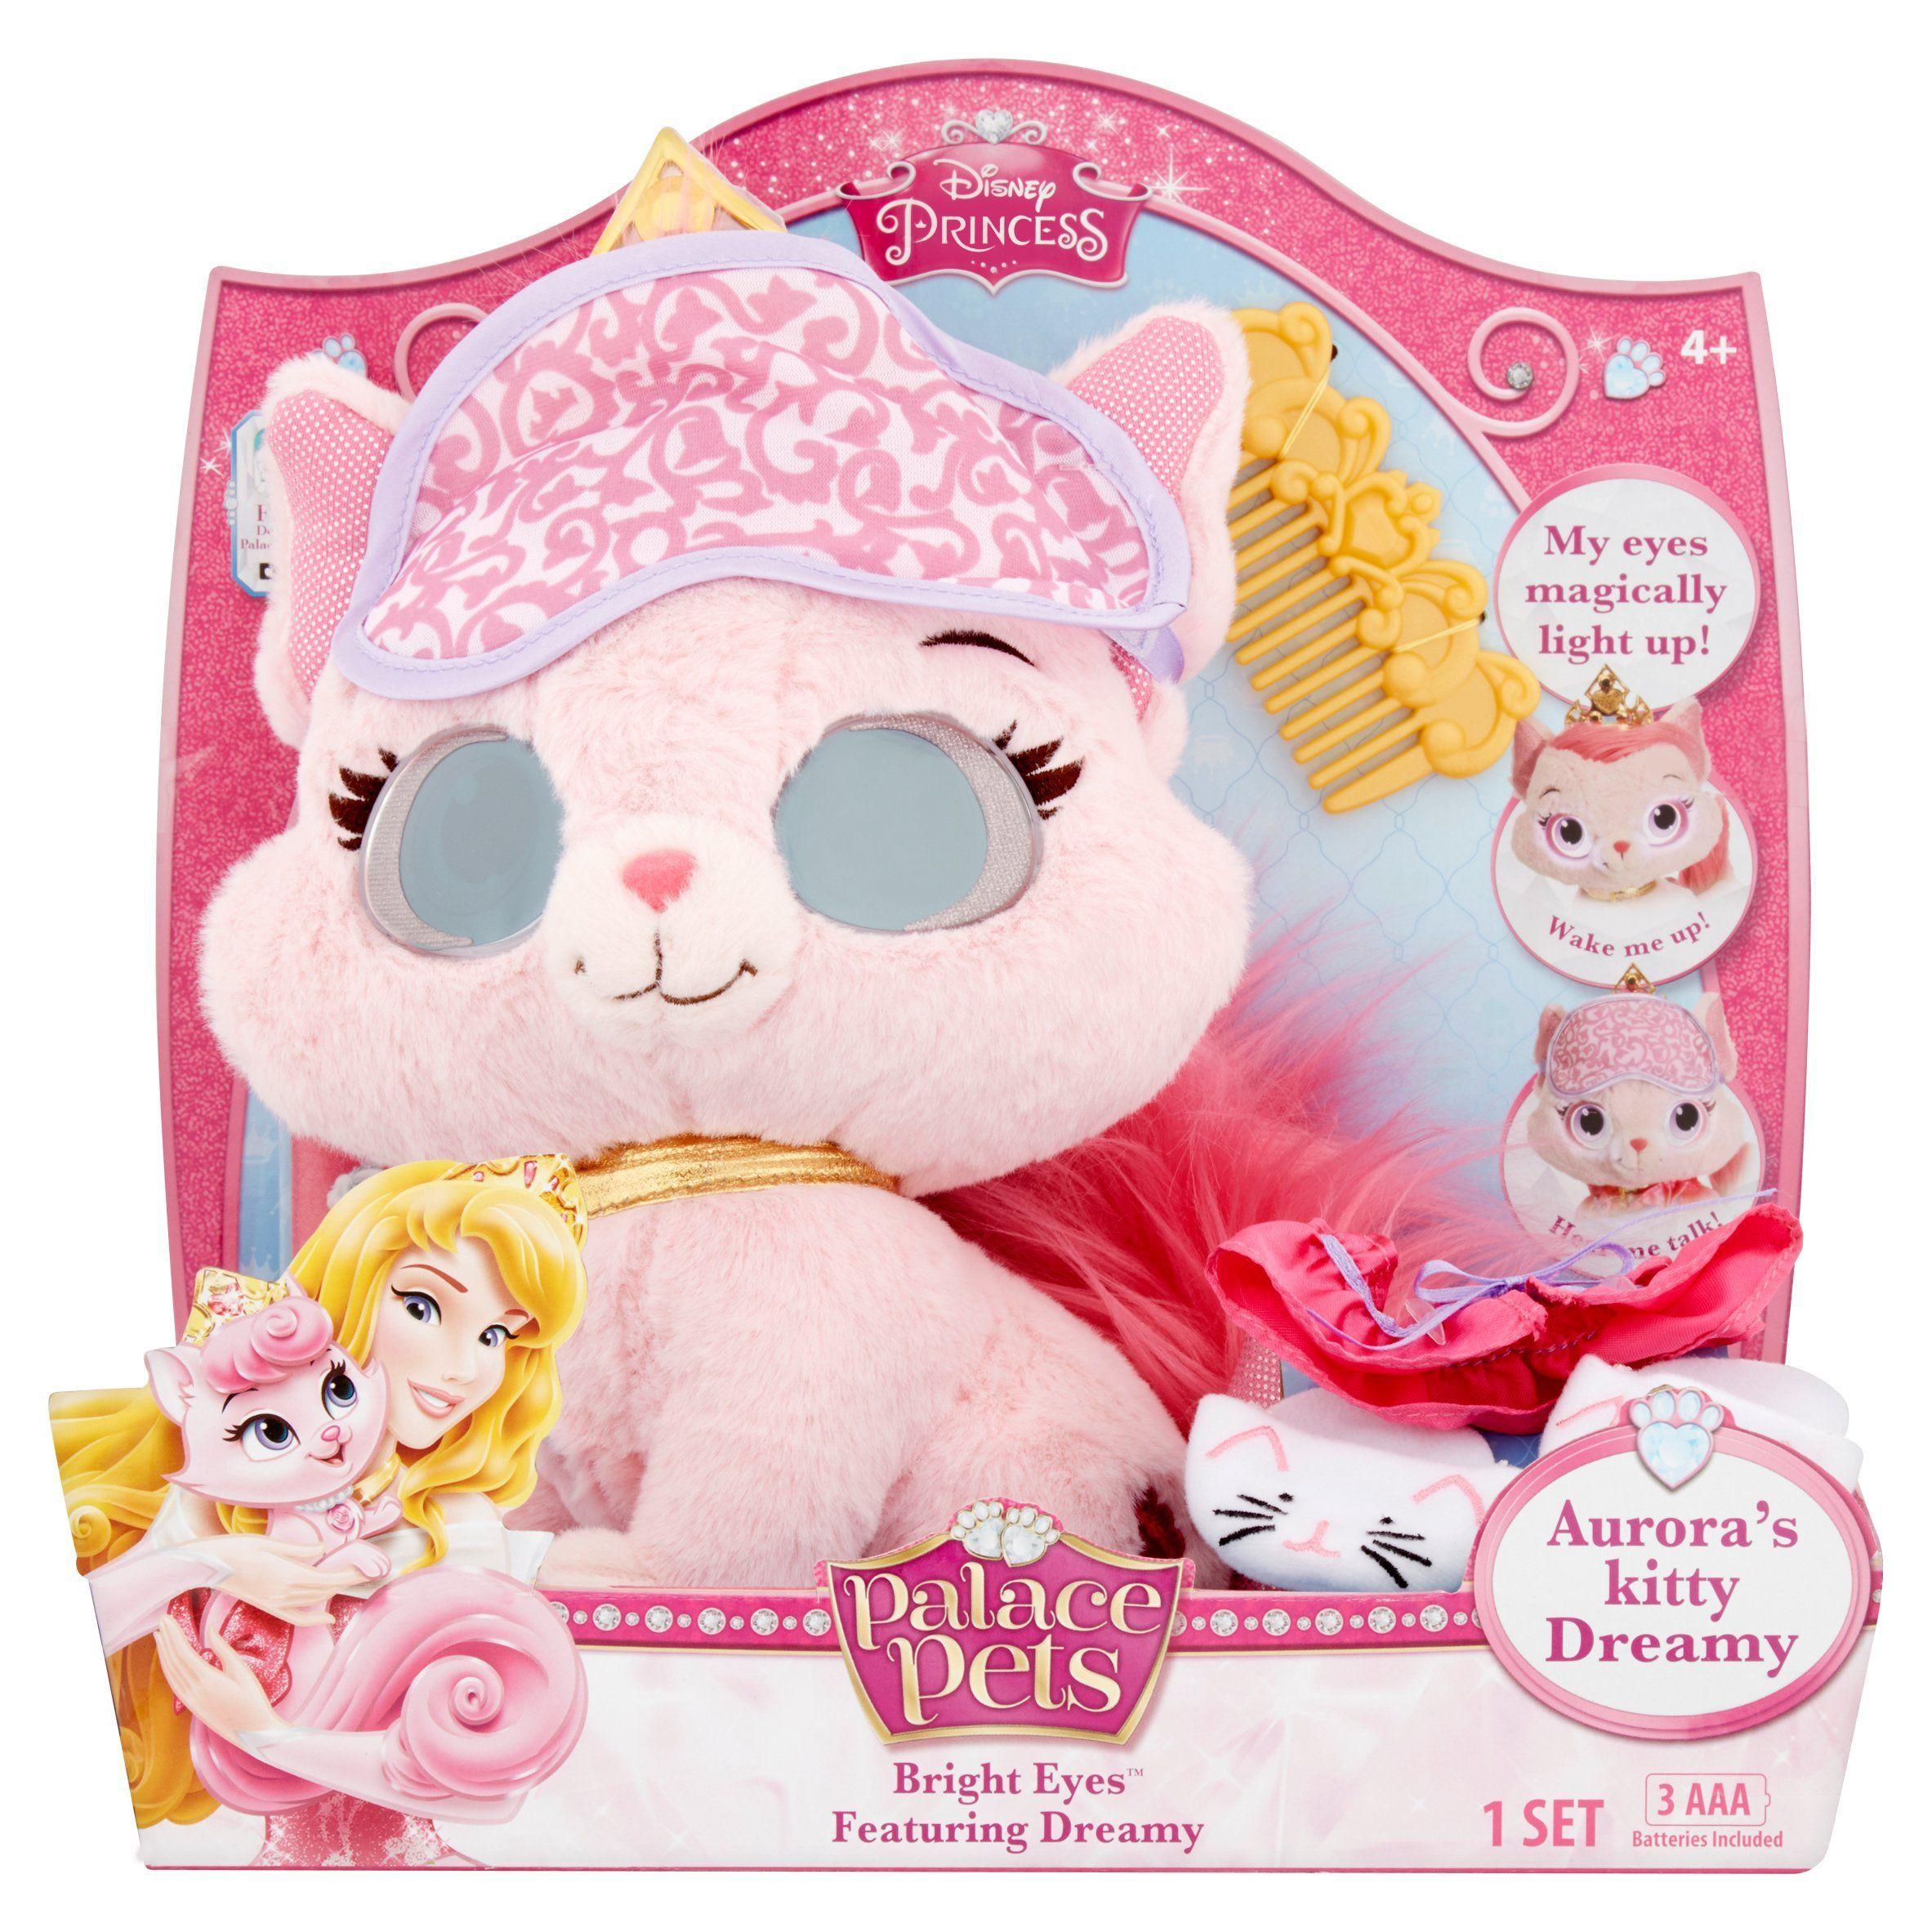 Toys Princess Palace Pets Disney Princess Palace Pets Disney Princess Pets